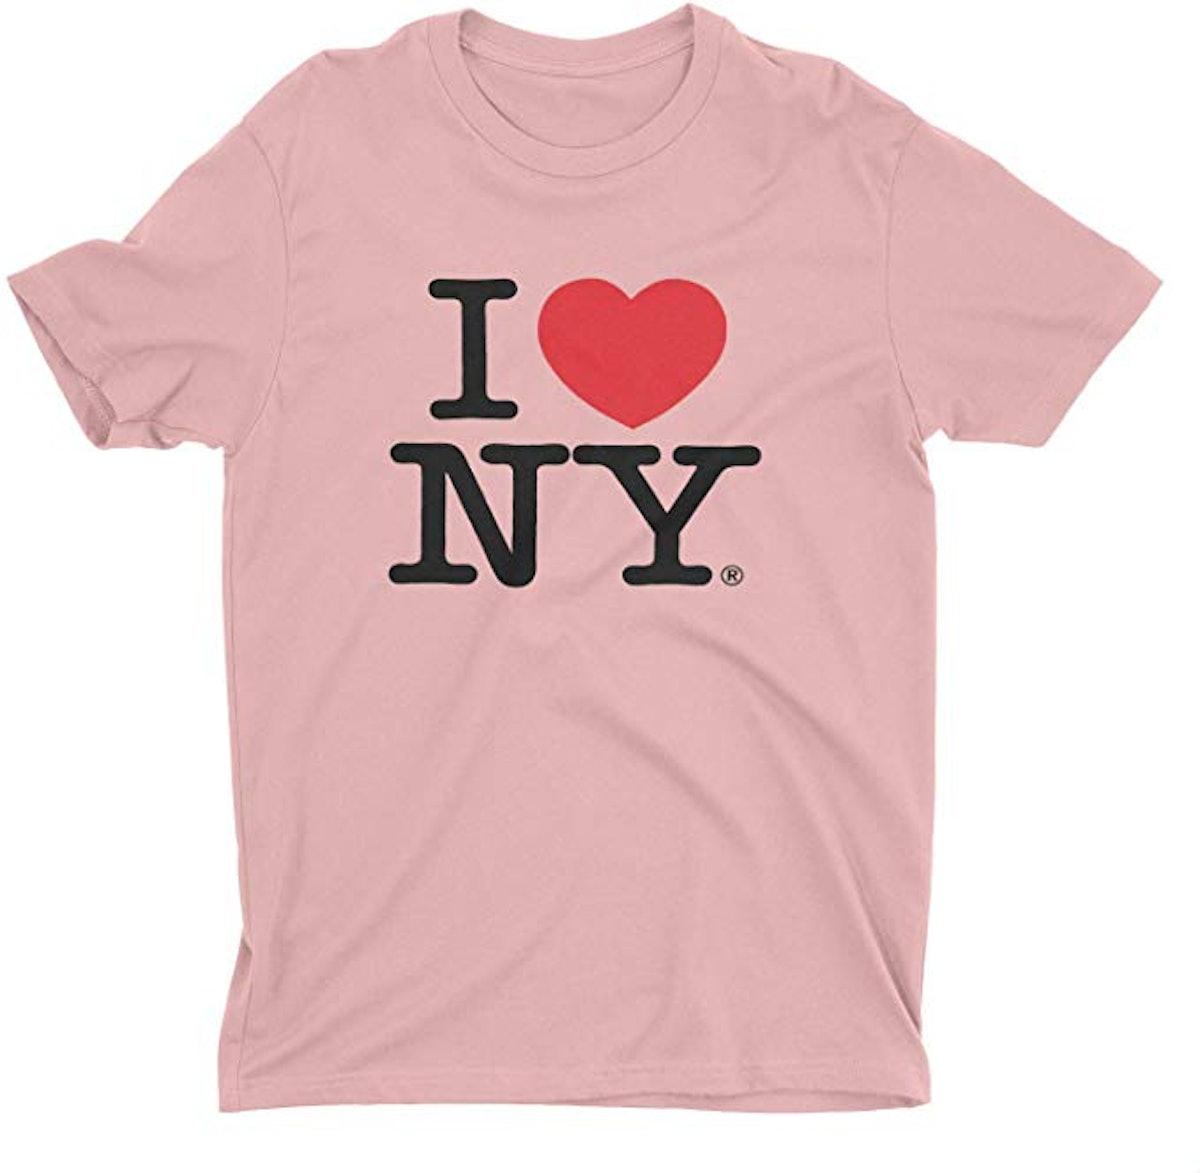 I Love NY New York Short Sleeve Screen Print Heart T-Shirt Light Pink